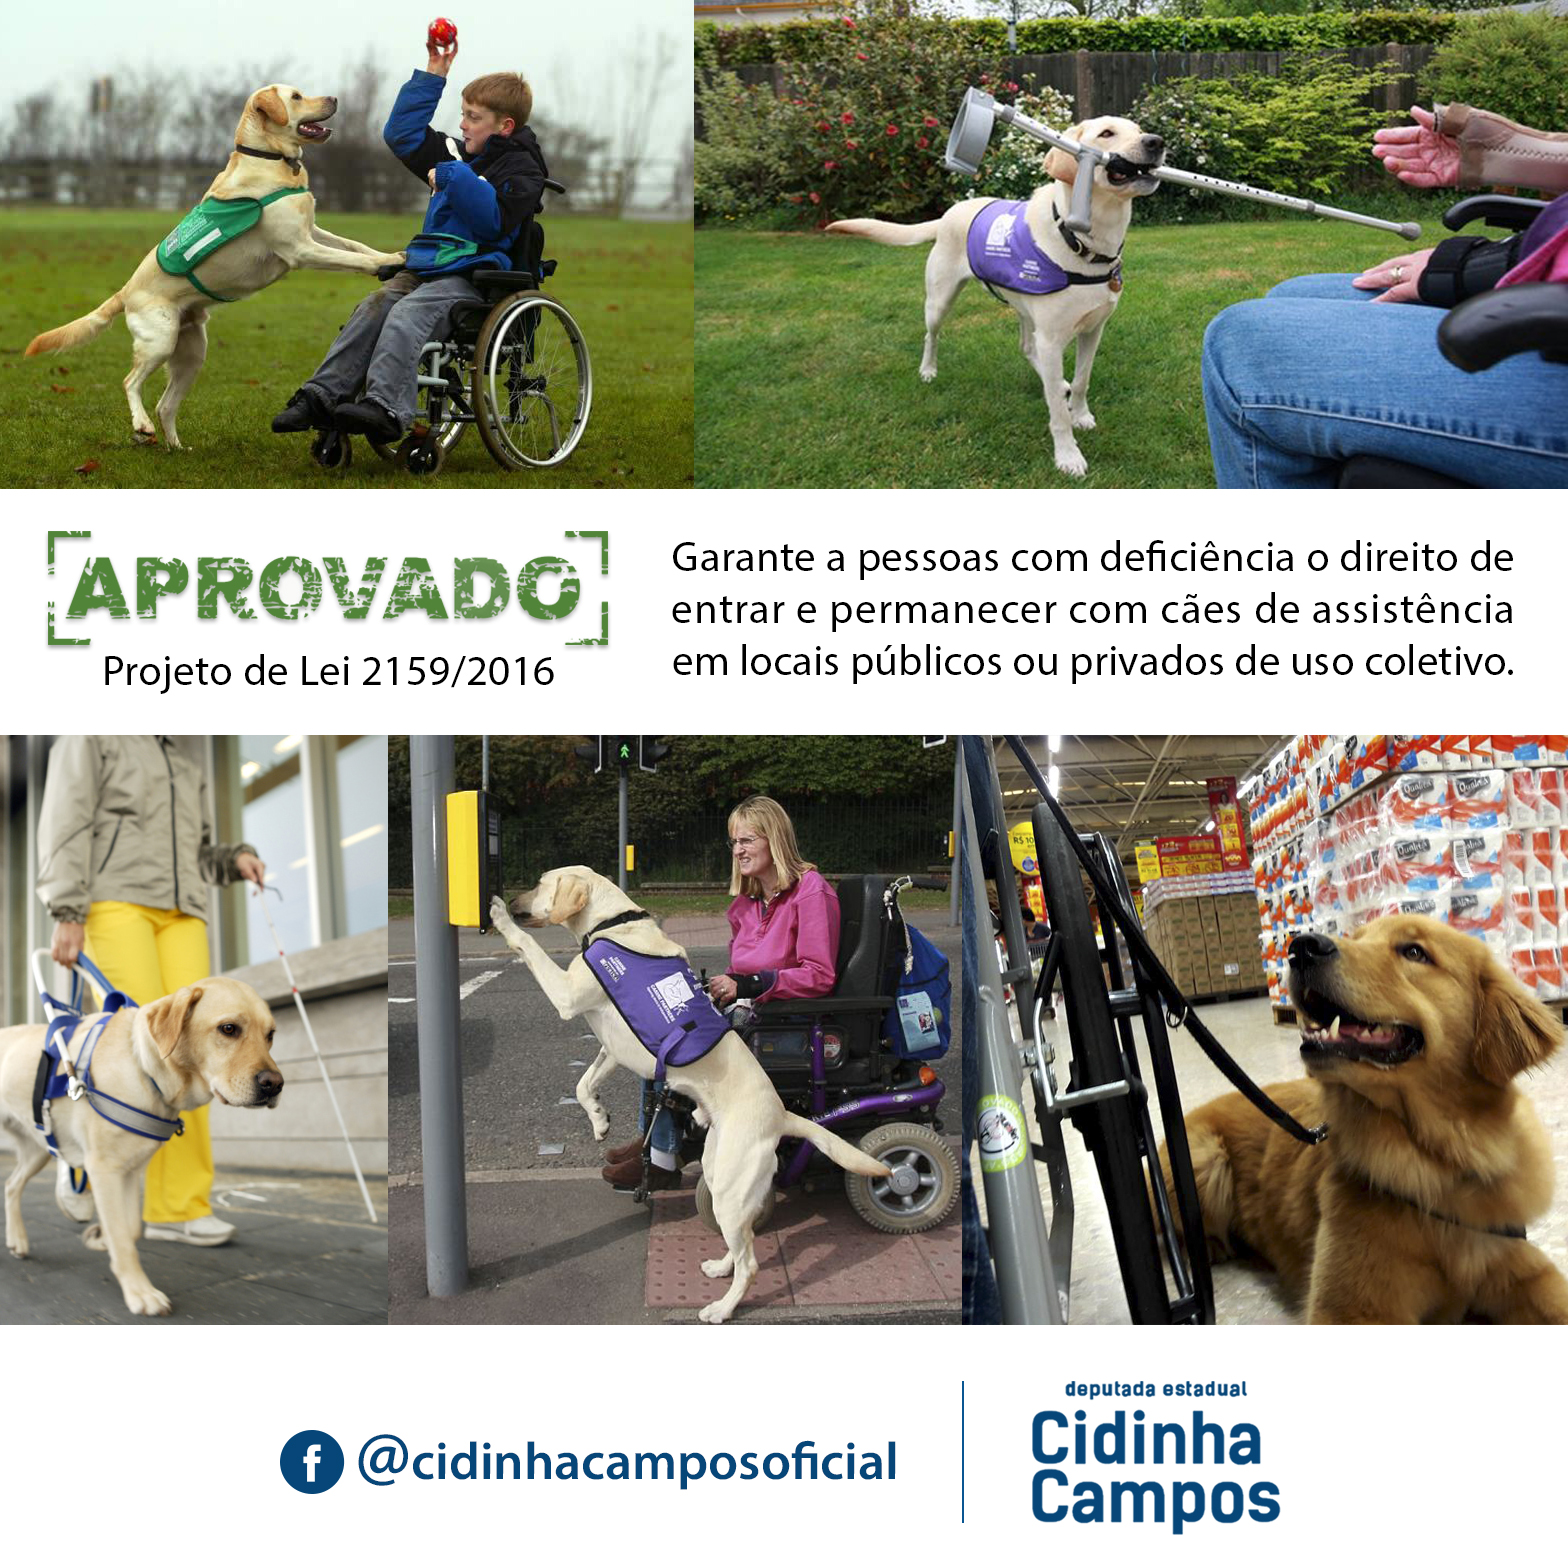 Aprovado! PL garante a pessoas com deficiência o direito de entrar e permanecer com cães de assistência em locais públicos ou privados